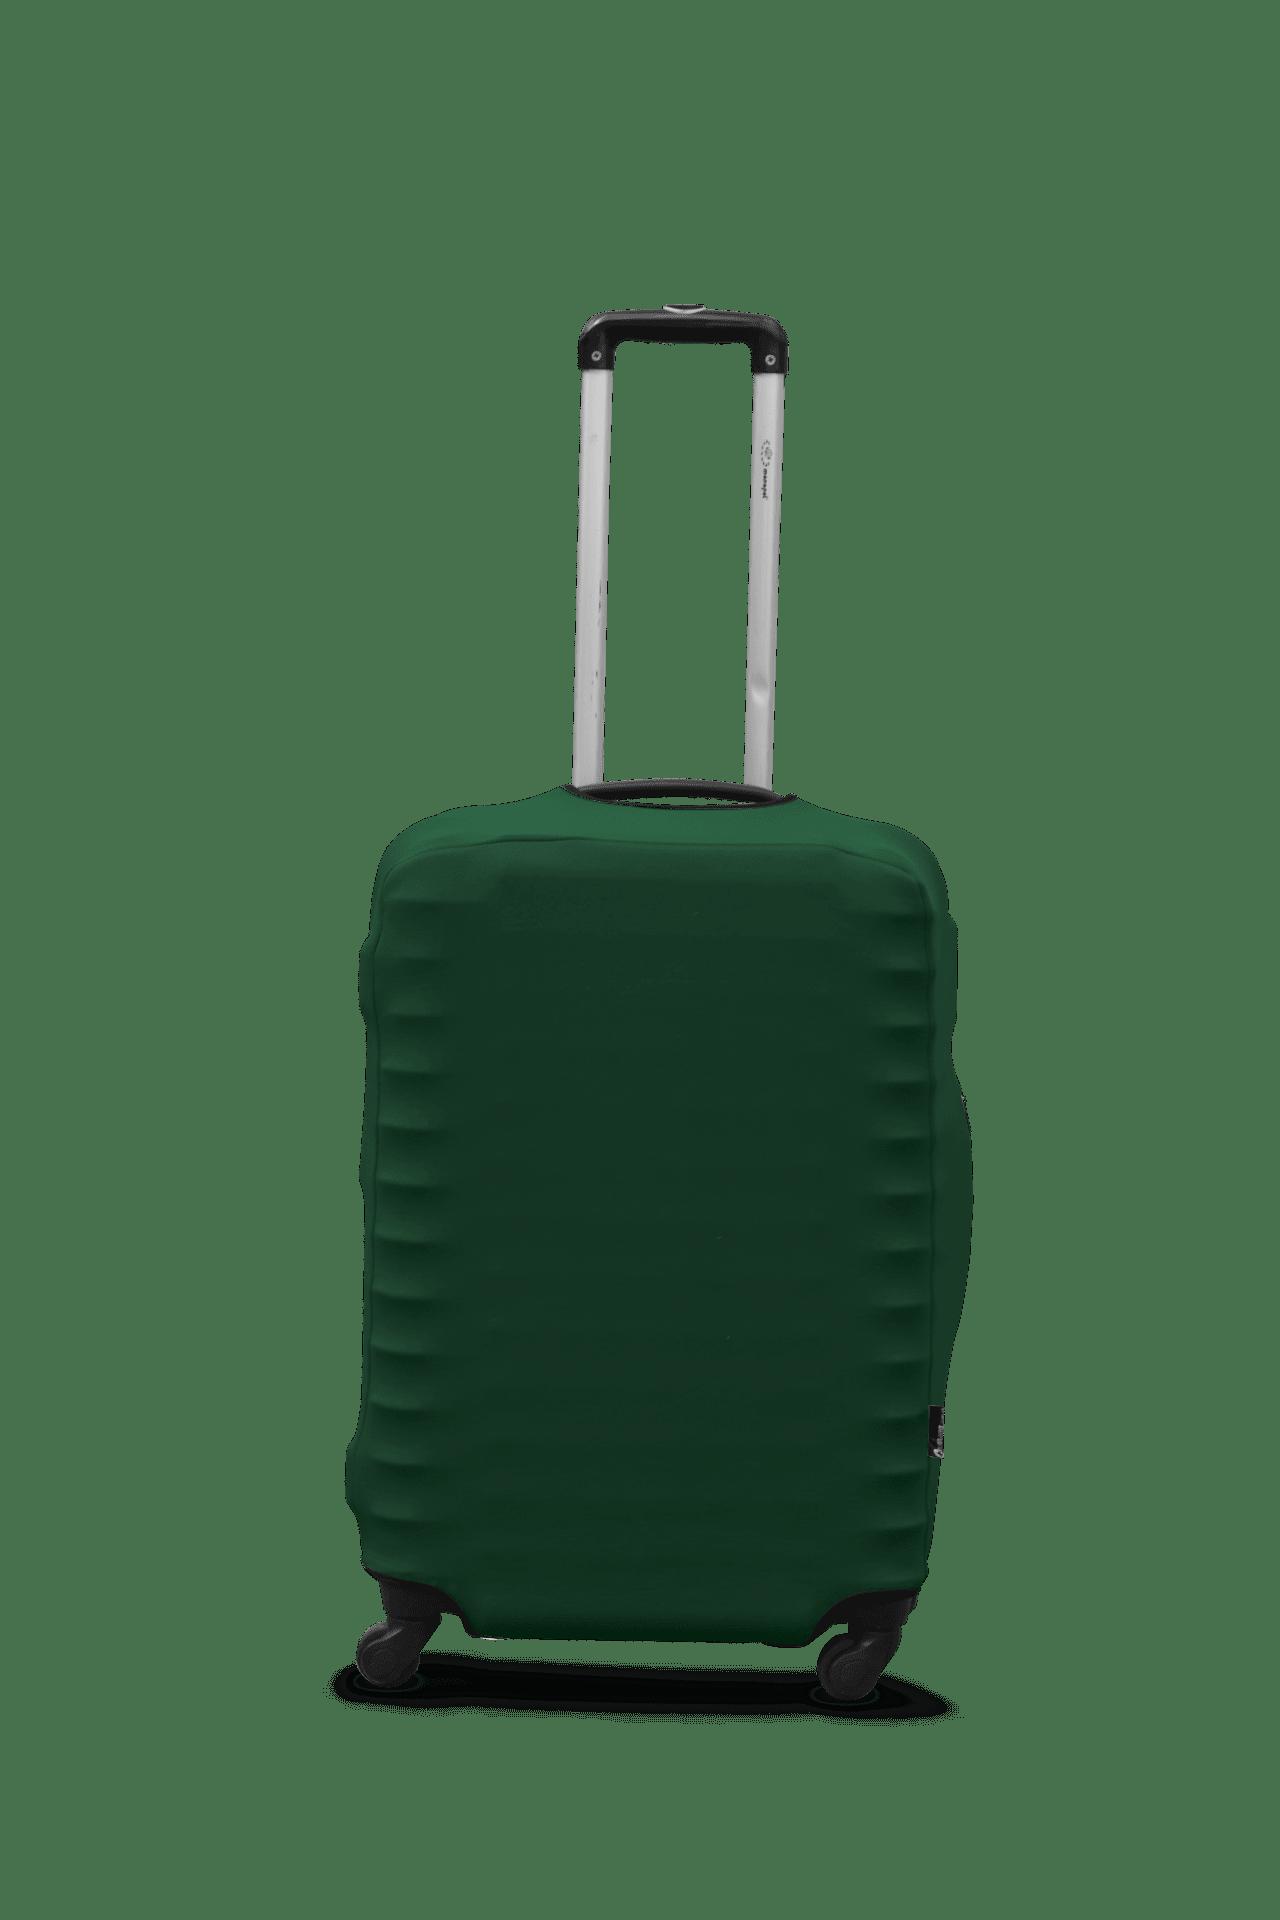 Husa pentru valiza daiving Cover DAWING S GREEN